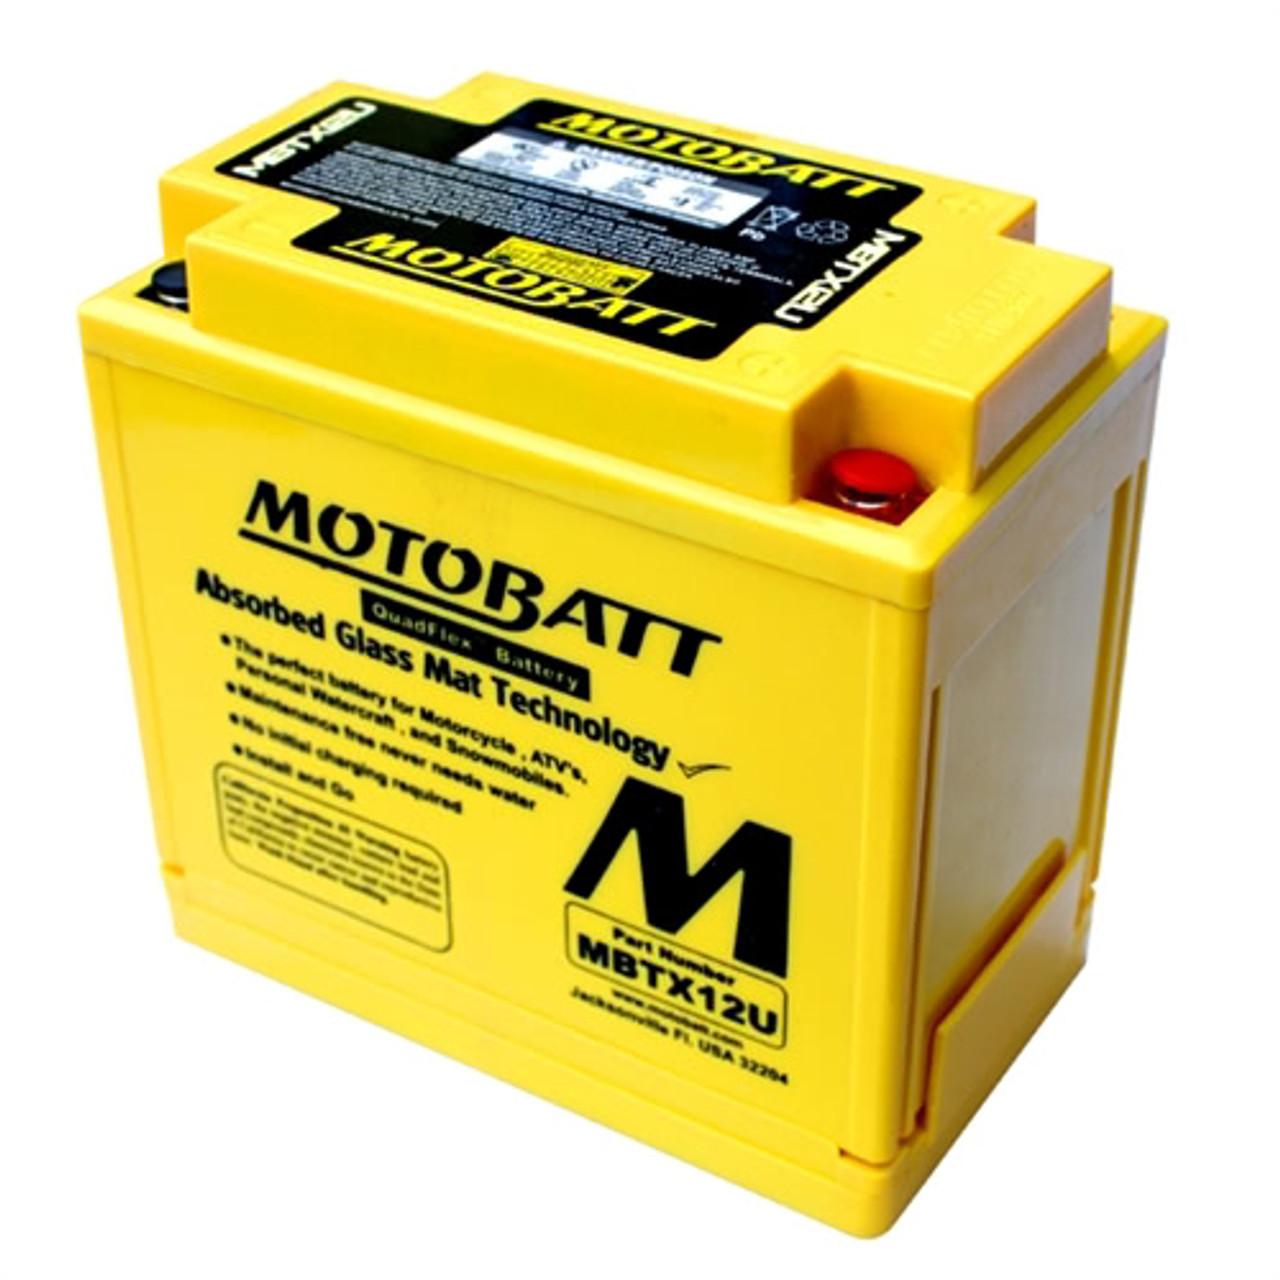 Motobatt Battery For Honda TRX250 Recon ES 97-03